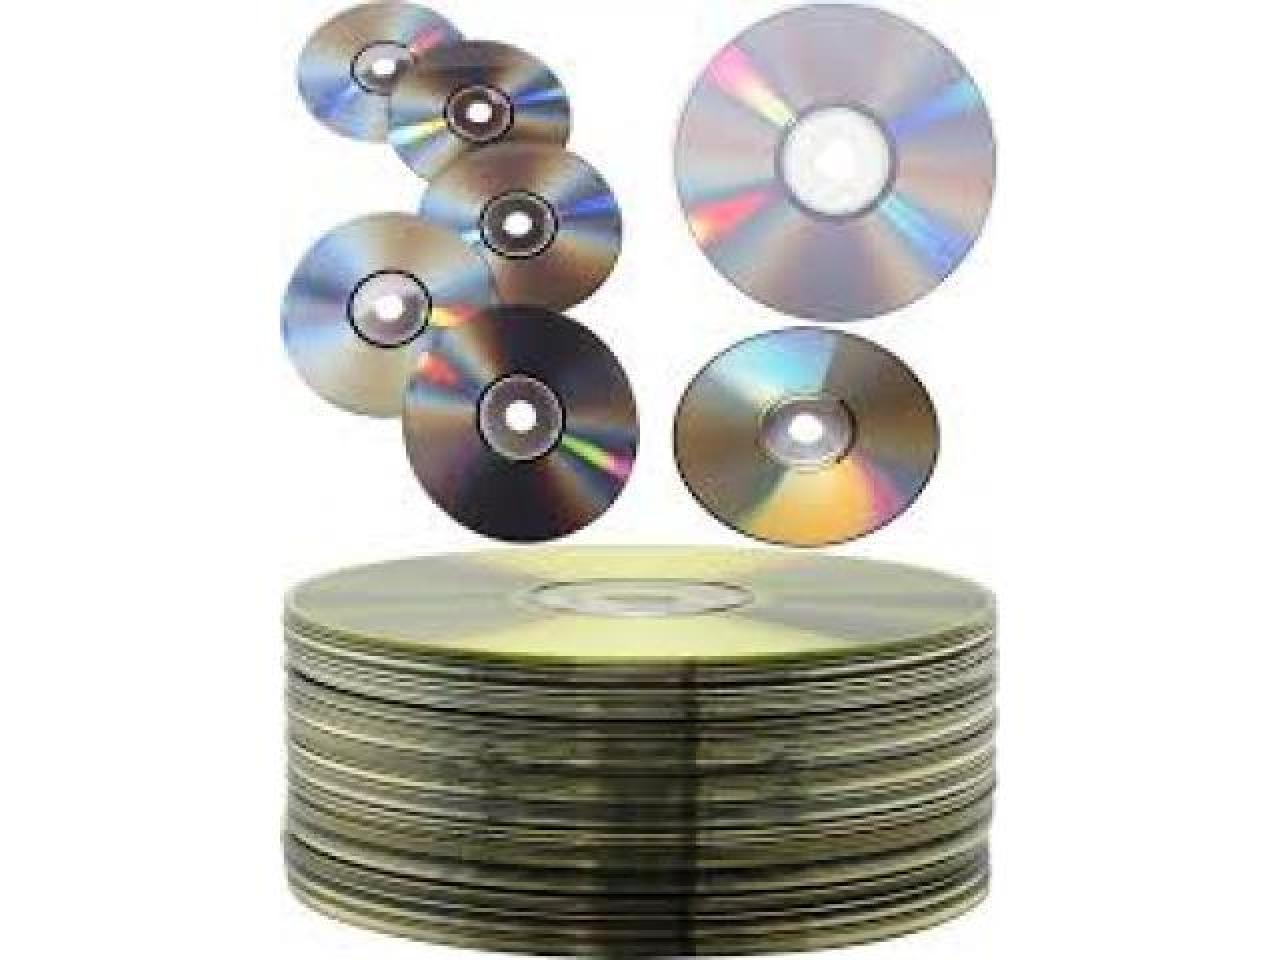 Требуются работники на склад DVD и аудио дисков. - 1